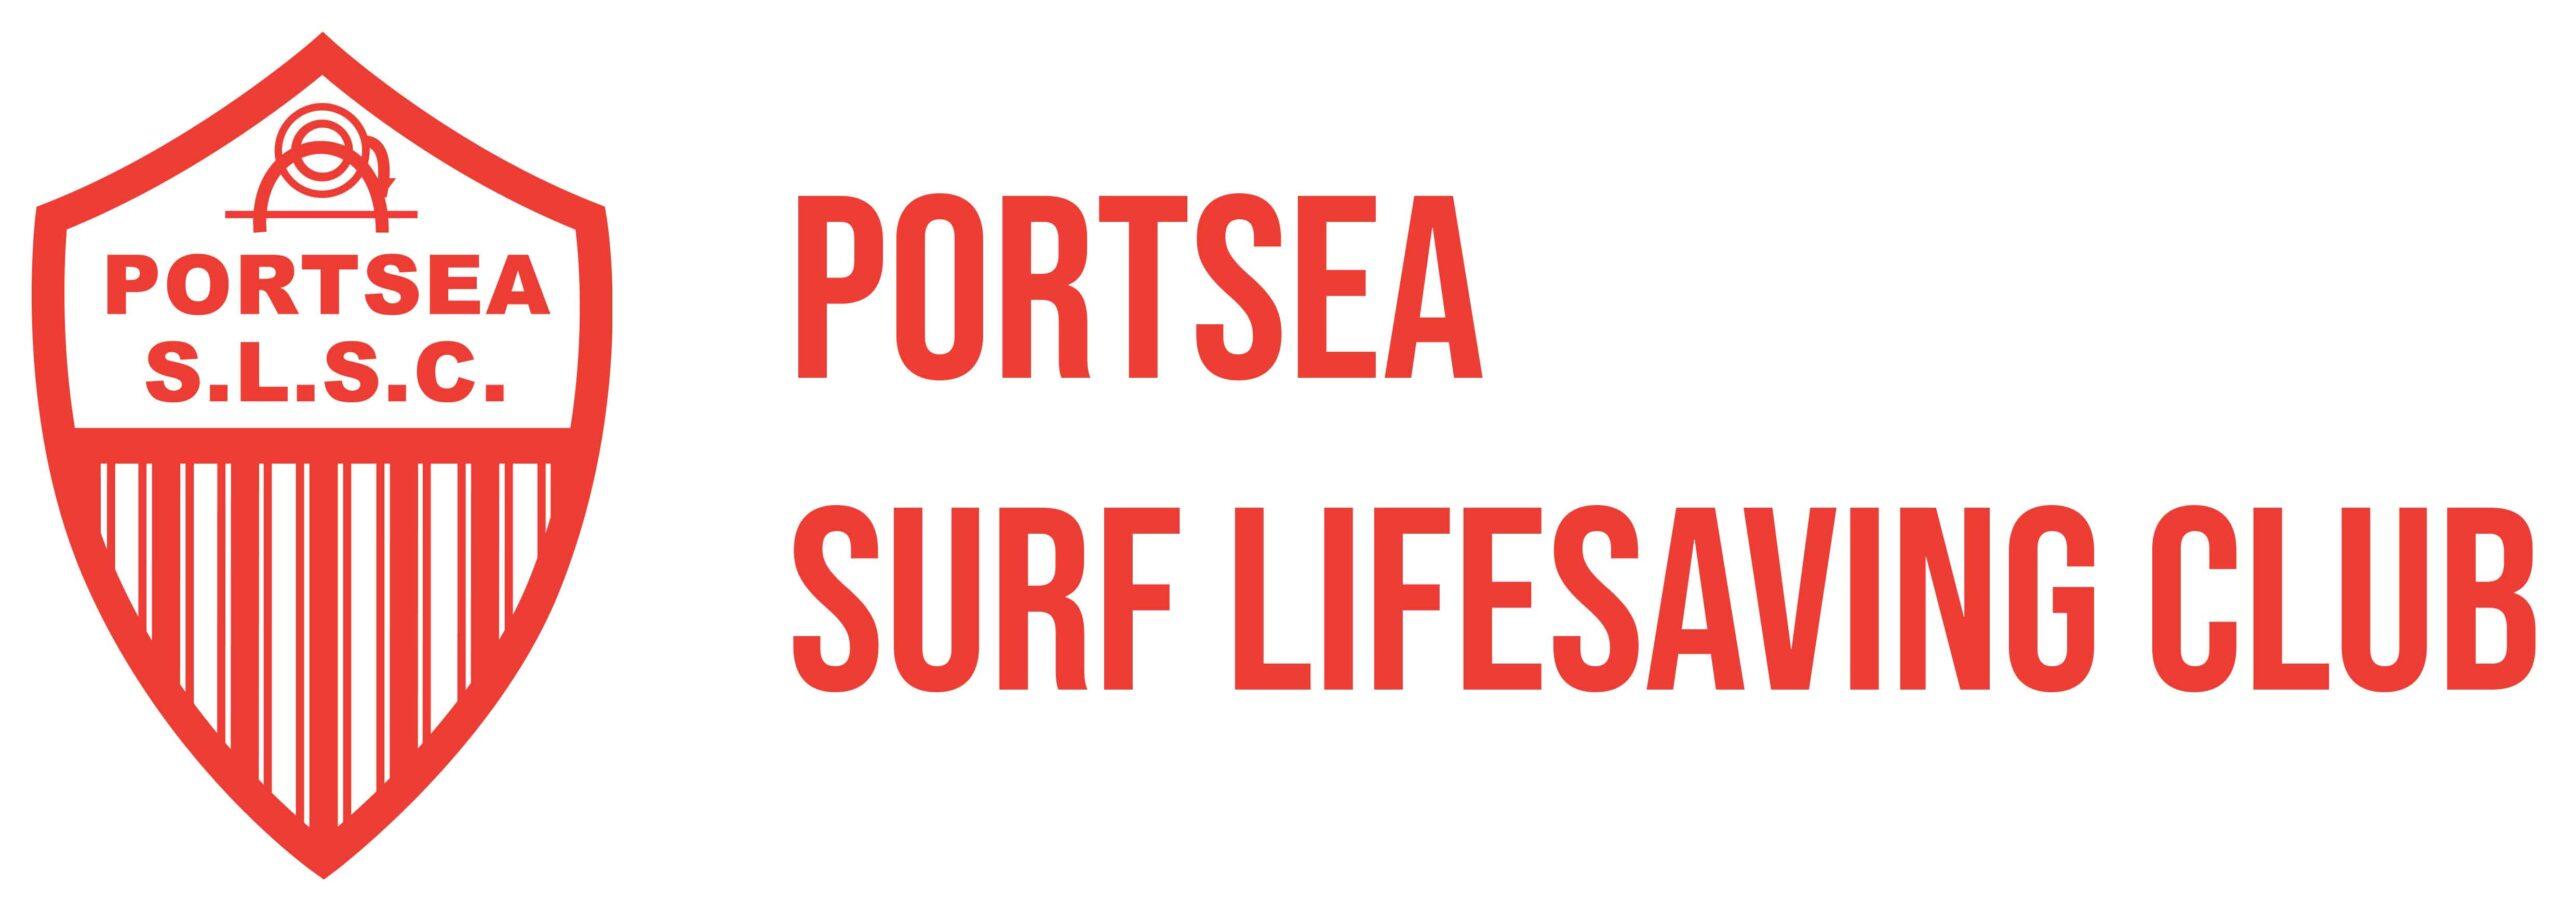 Portsea Surf Lifesaving Club